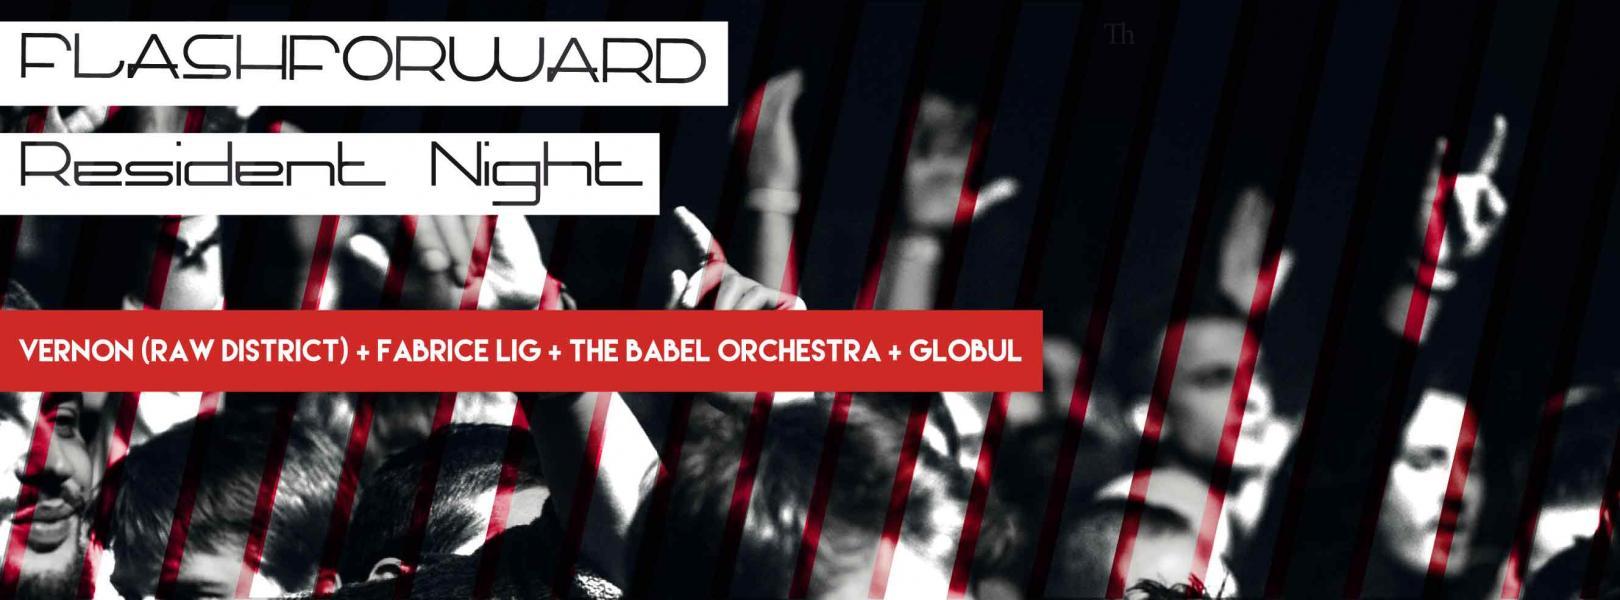 FlashForward: Resident Night